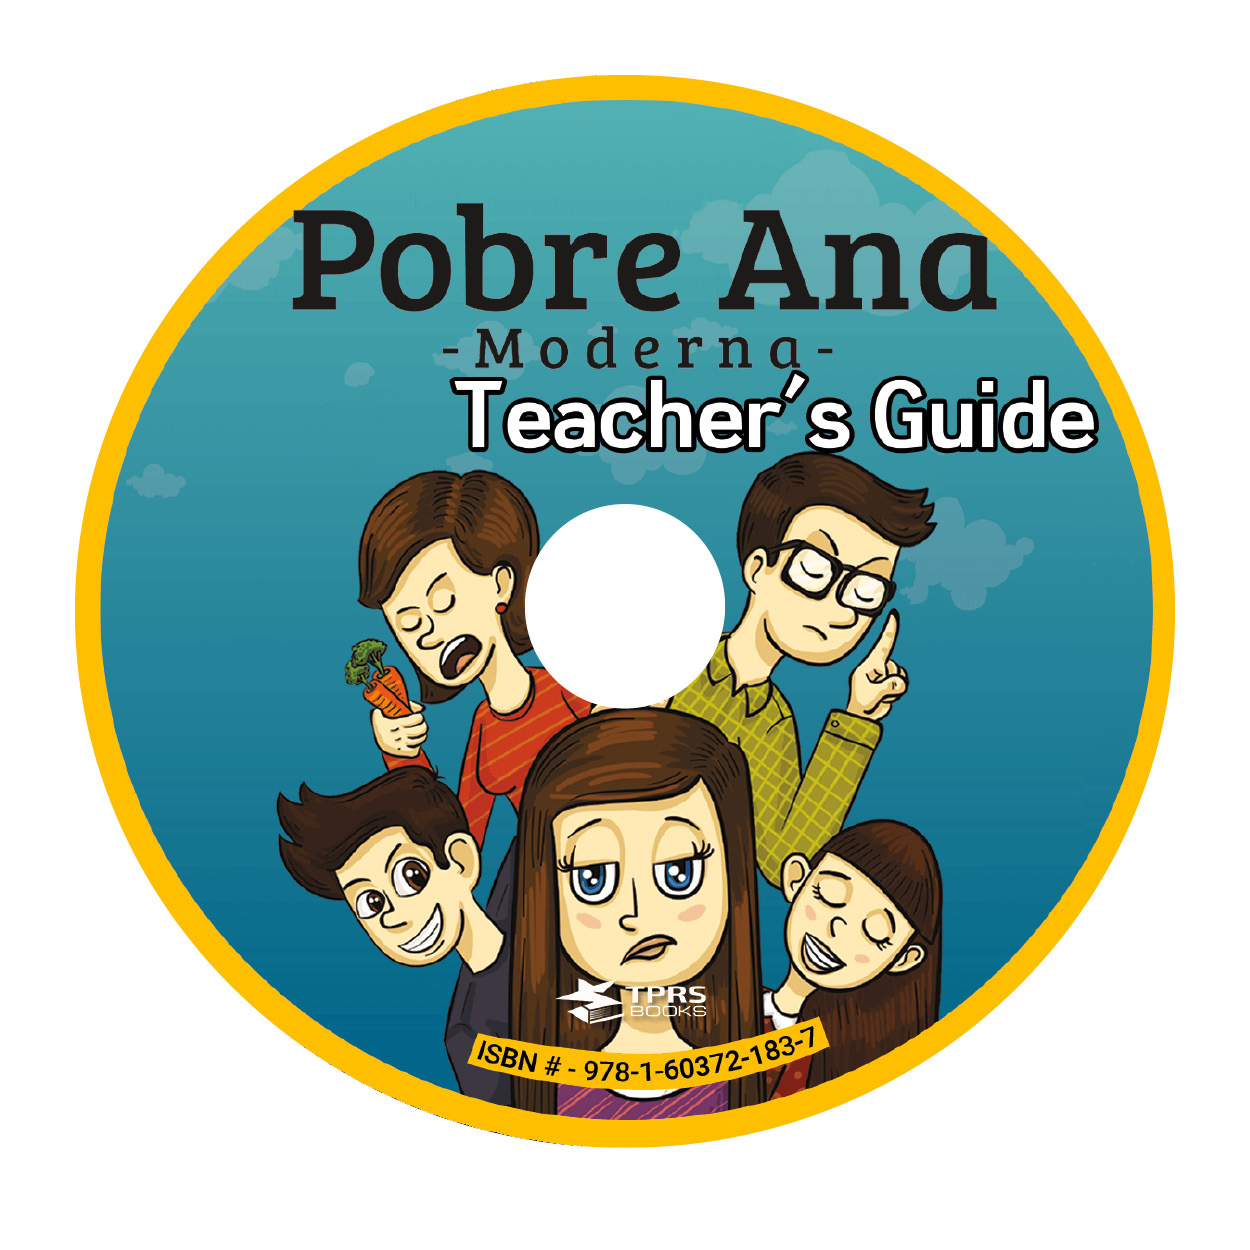 Pobre Ana Moderna - Teacher's Guide